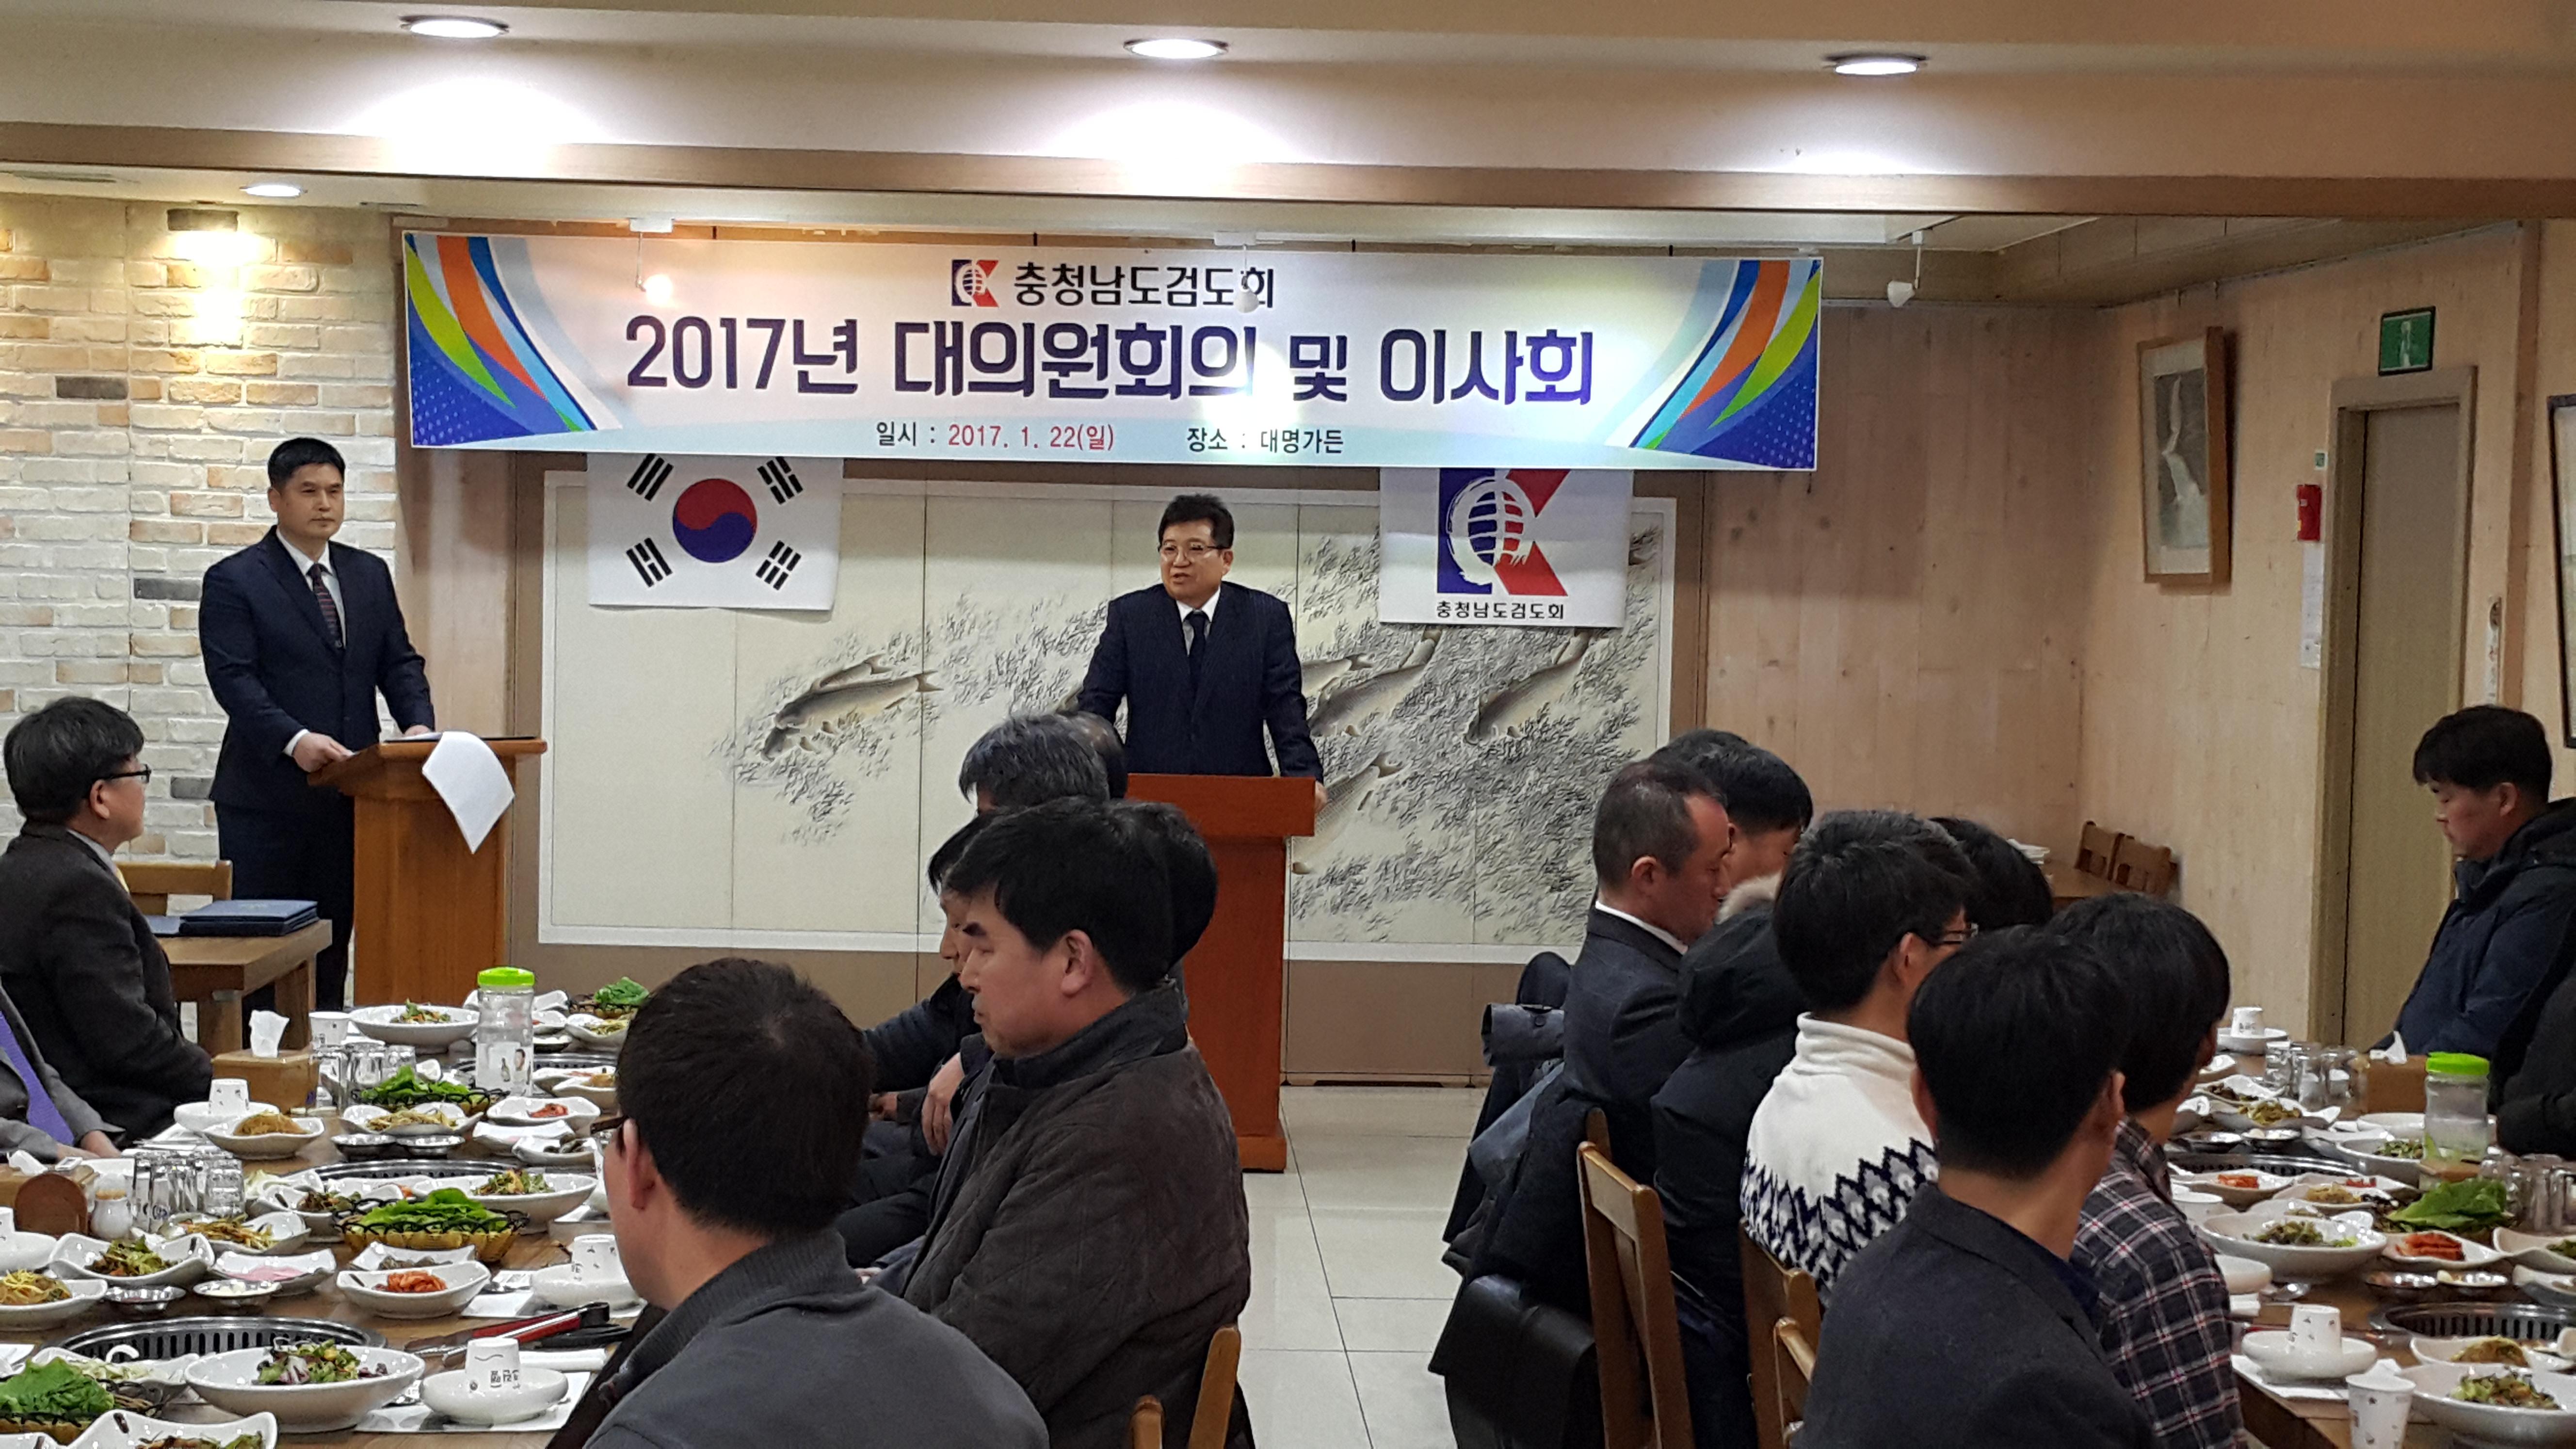 2017년 대의원회의 및 이사회 3.jpg